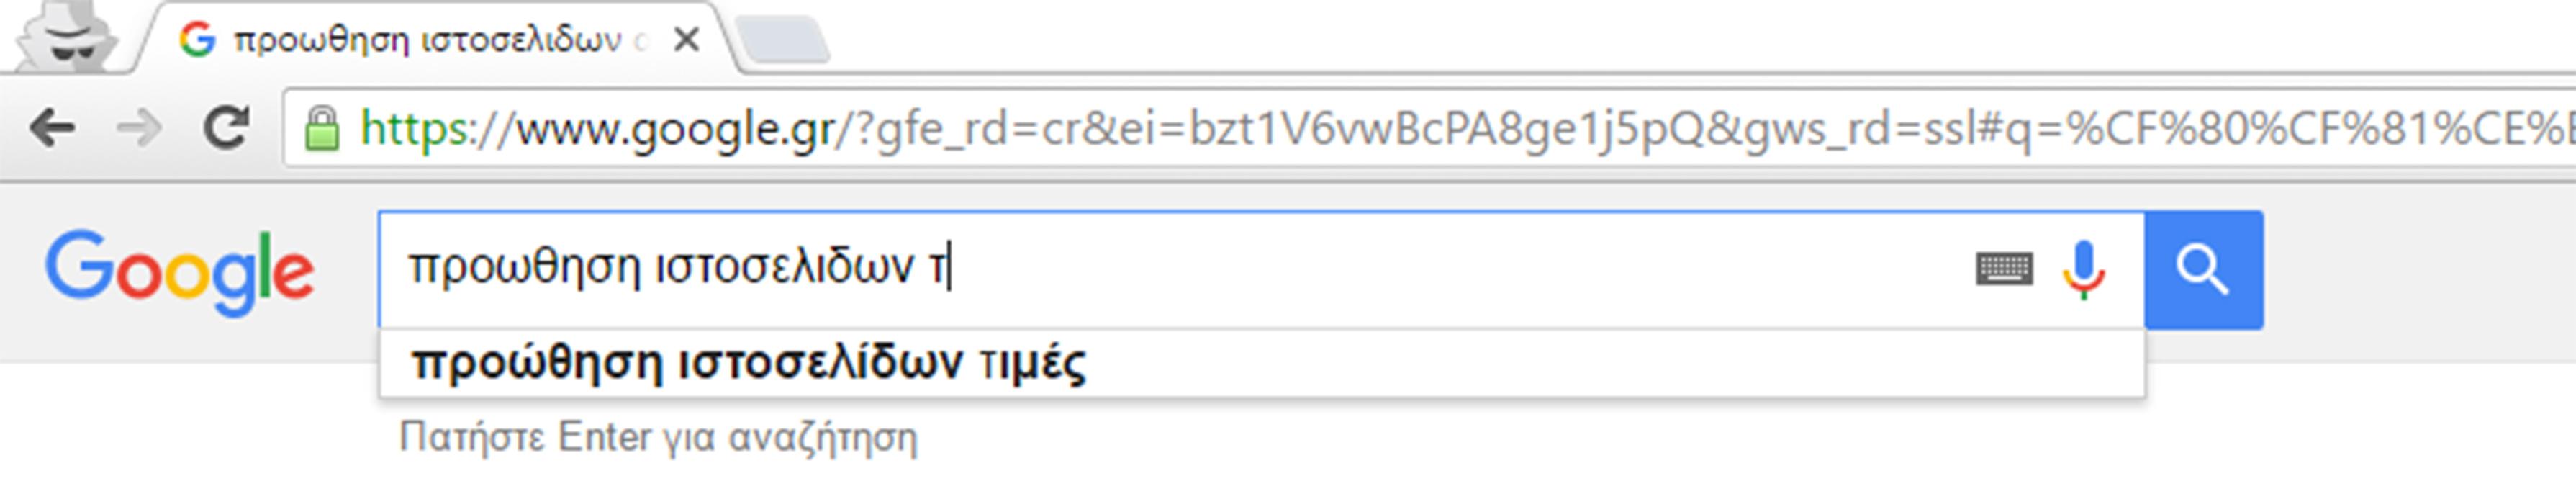 Εικόνα 8 Επιπλέον επιλογές για τη φράση «προώθηση ιστοσελίδων».